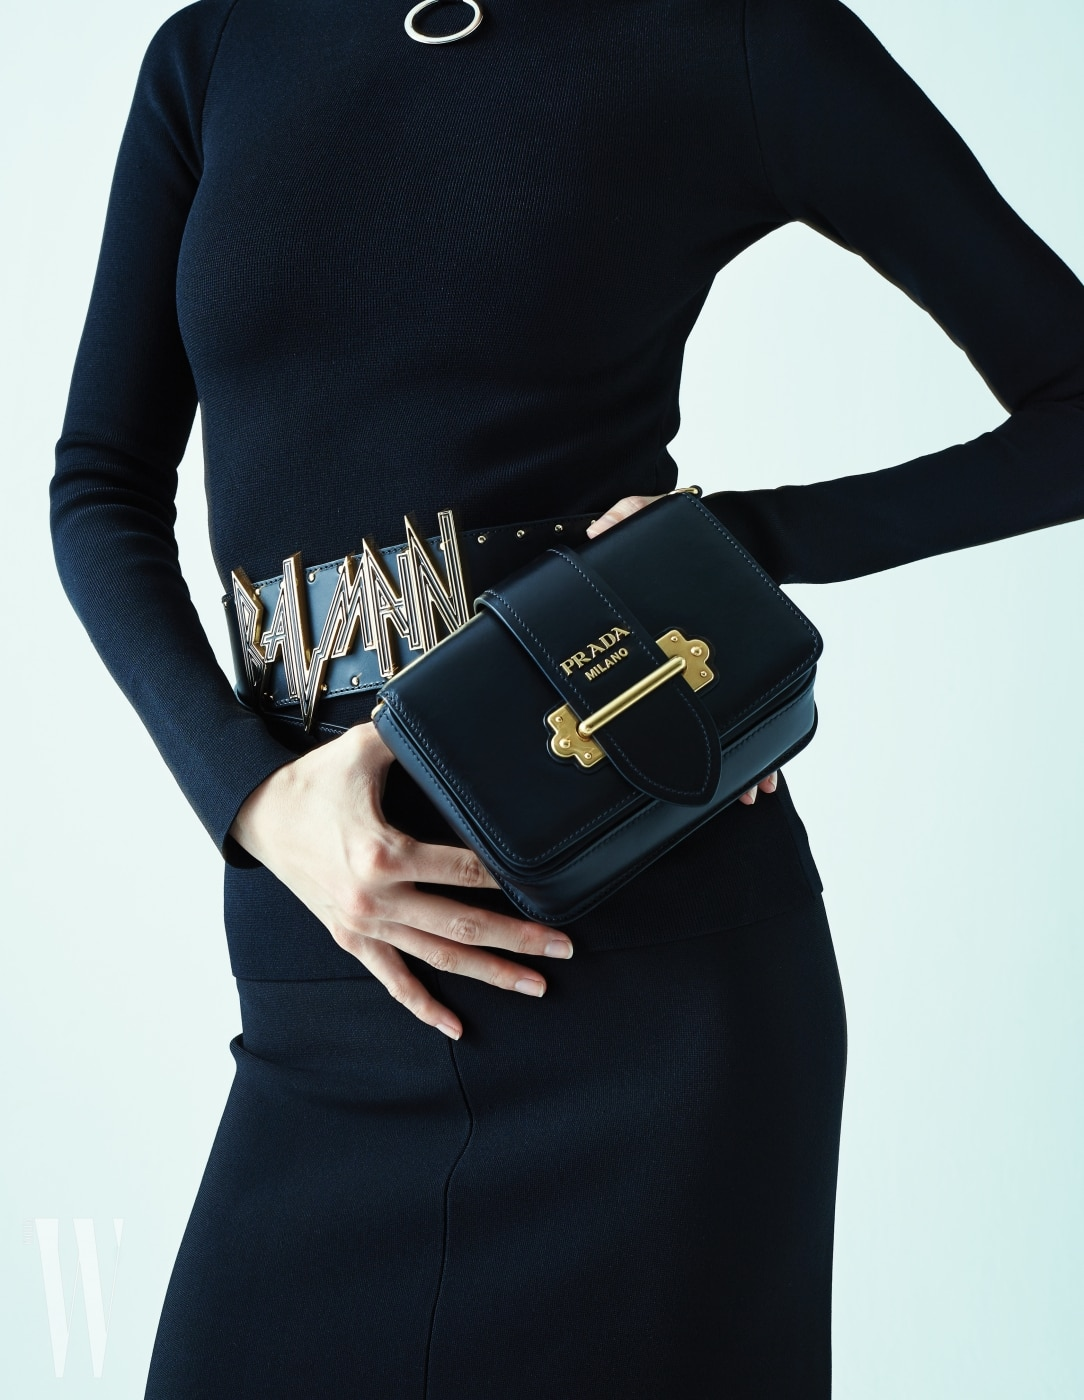 로고 벨트는 발맹 제품. 1백만원대. 금속 로고 장식 힙 색은 프라다 제품. 2백만원대. 검은색 니트 톱과 바지는 스텔라 매카트니 제품. 가격 미정